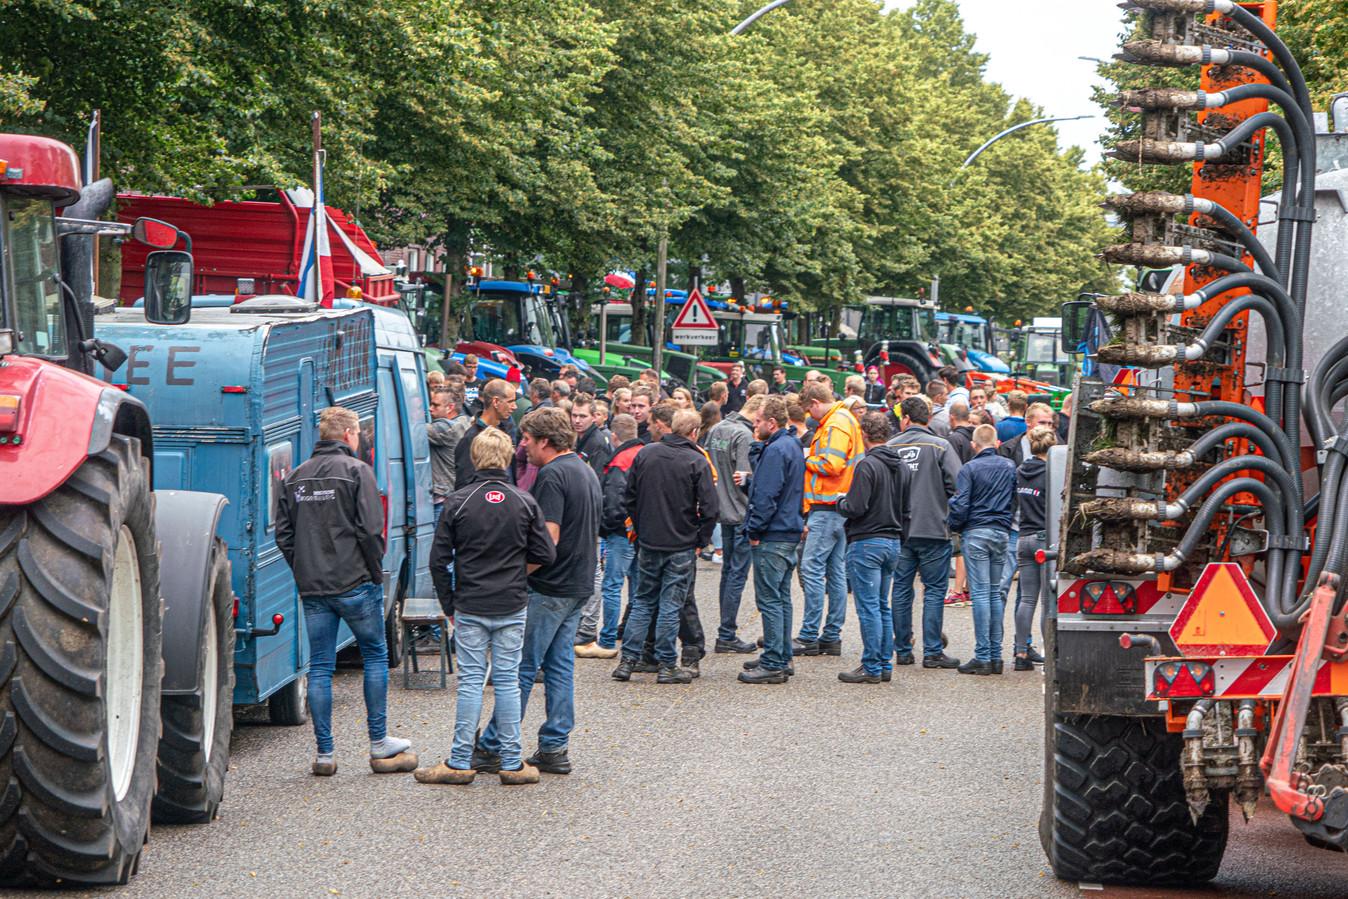 In heel Nederland, zoals hier in Zwolle, vinden boerenprotesten tegen de stikstofmaatregelen van het kabinet plaats.